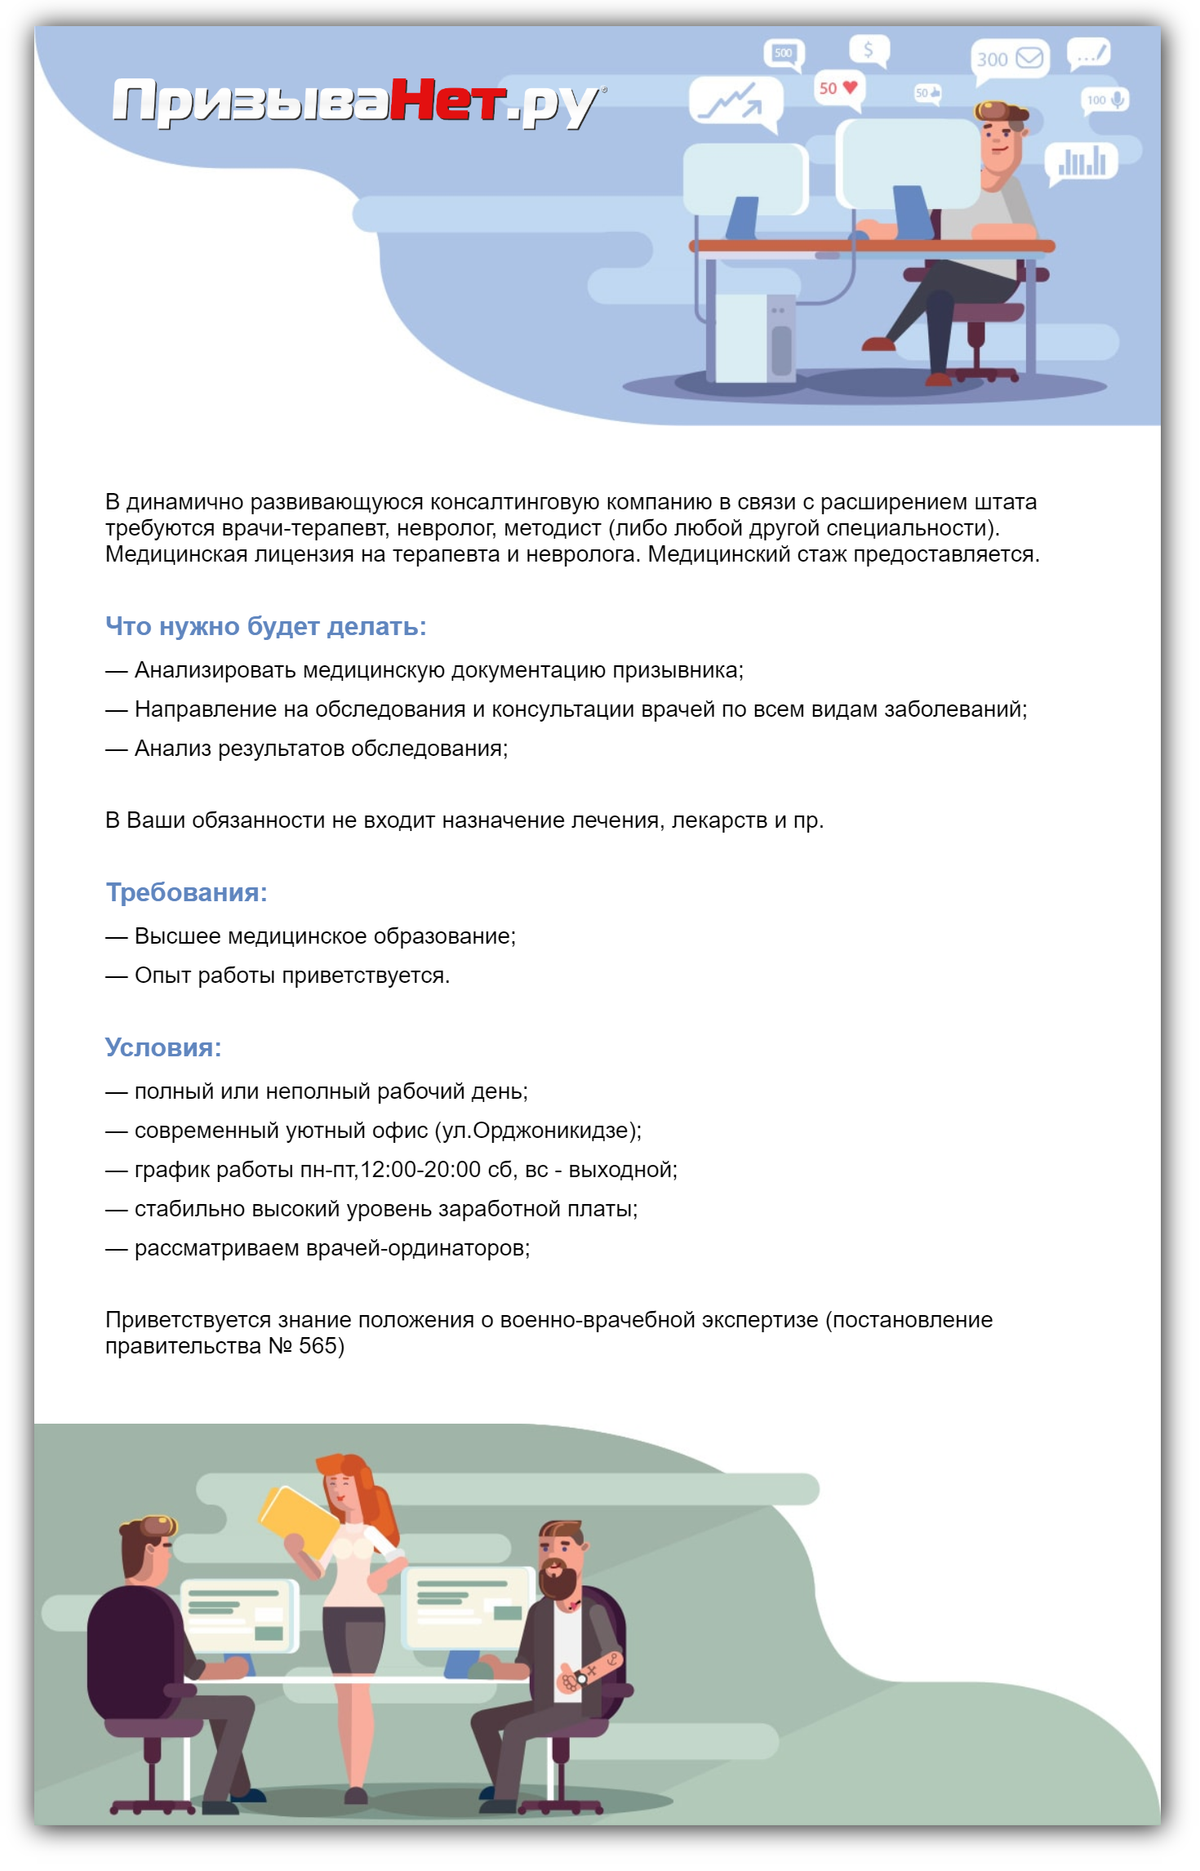 Вакансия врача-консультанта в Новосибирске. Опыт работы не нужен. Ординатура не нужна. Населена роботами